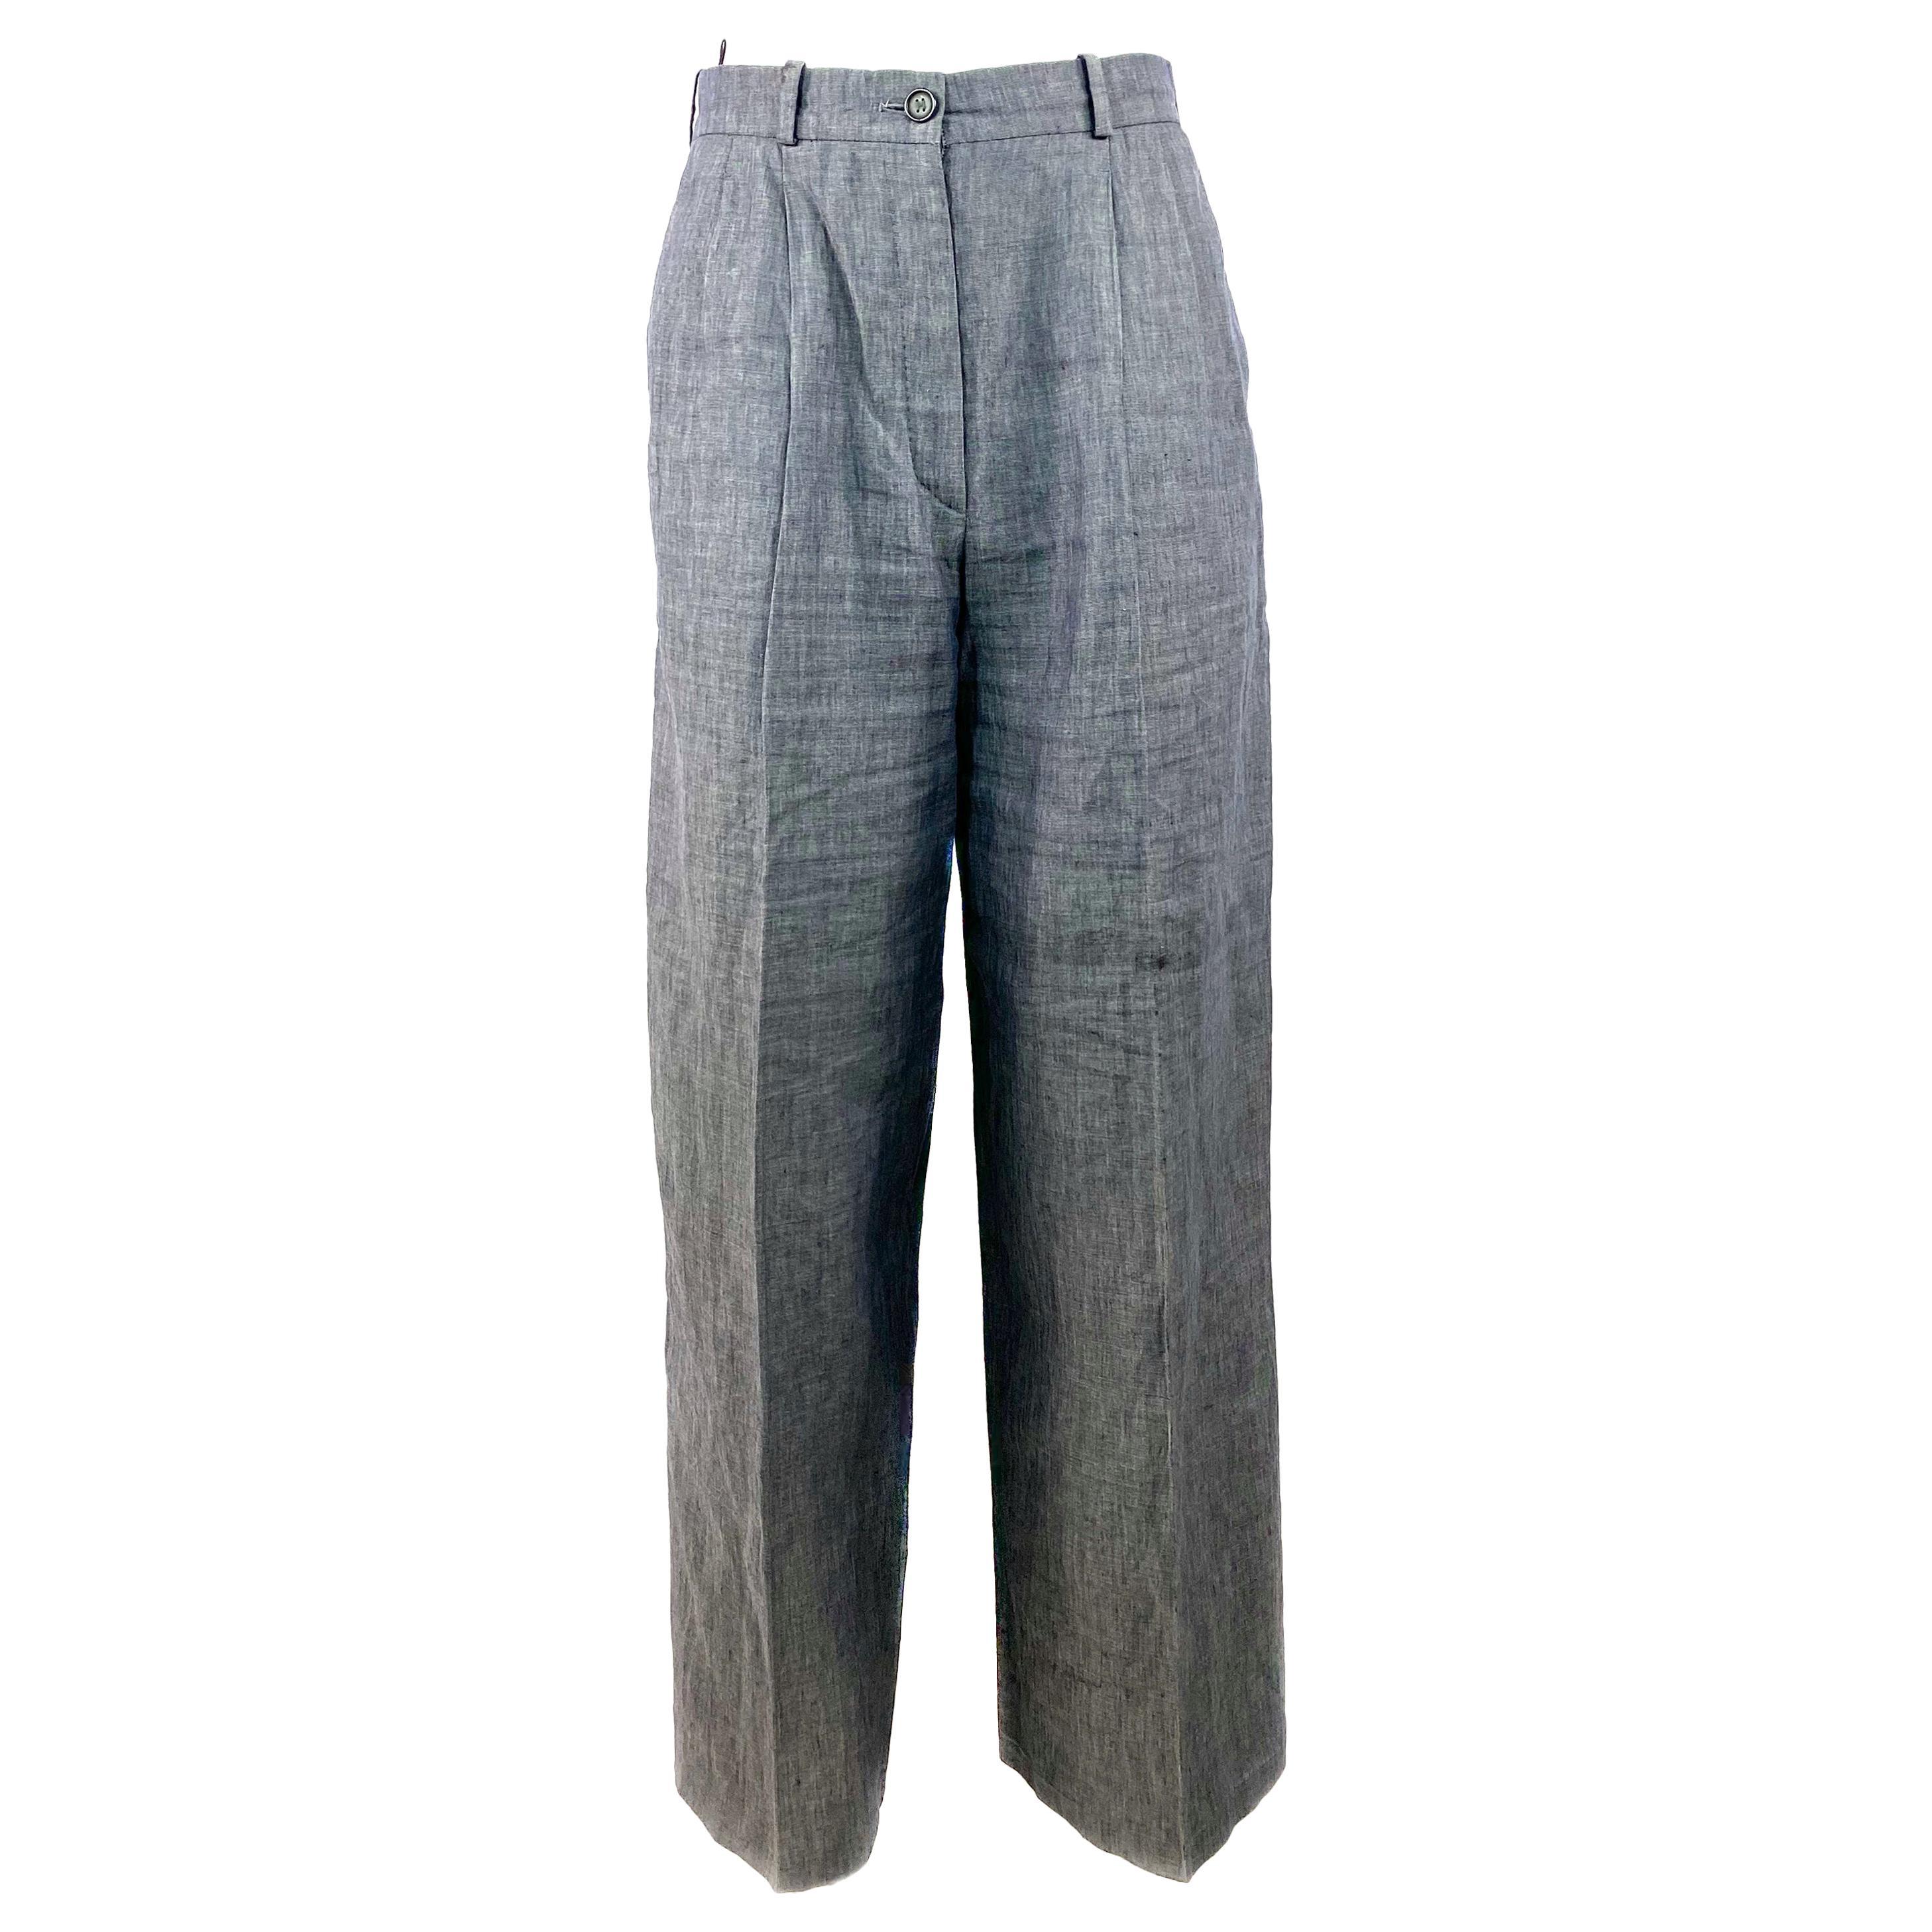 HERMES Paris Blue Linen Straight Trousers Pants Size 38